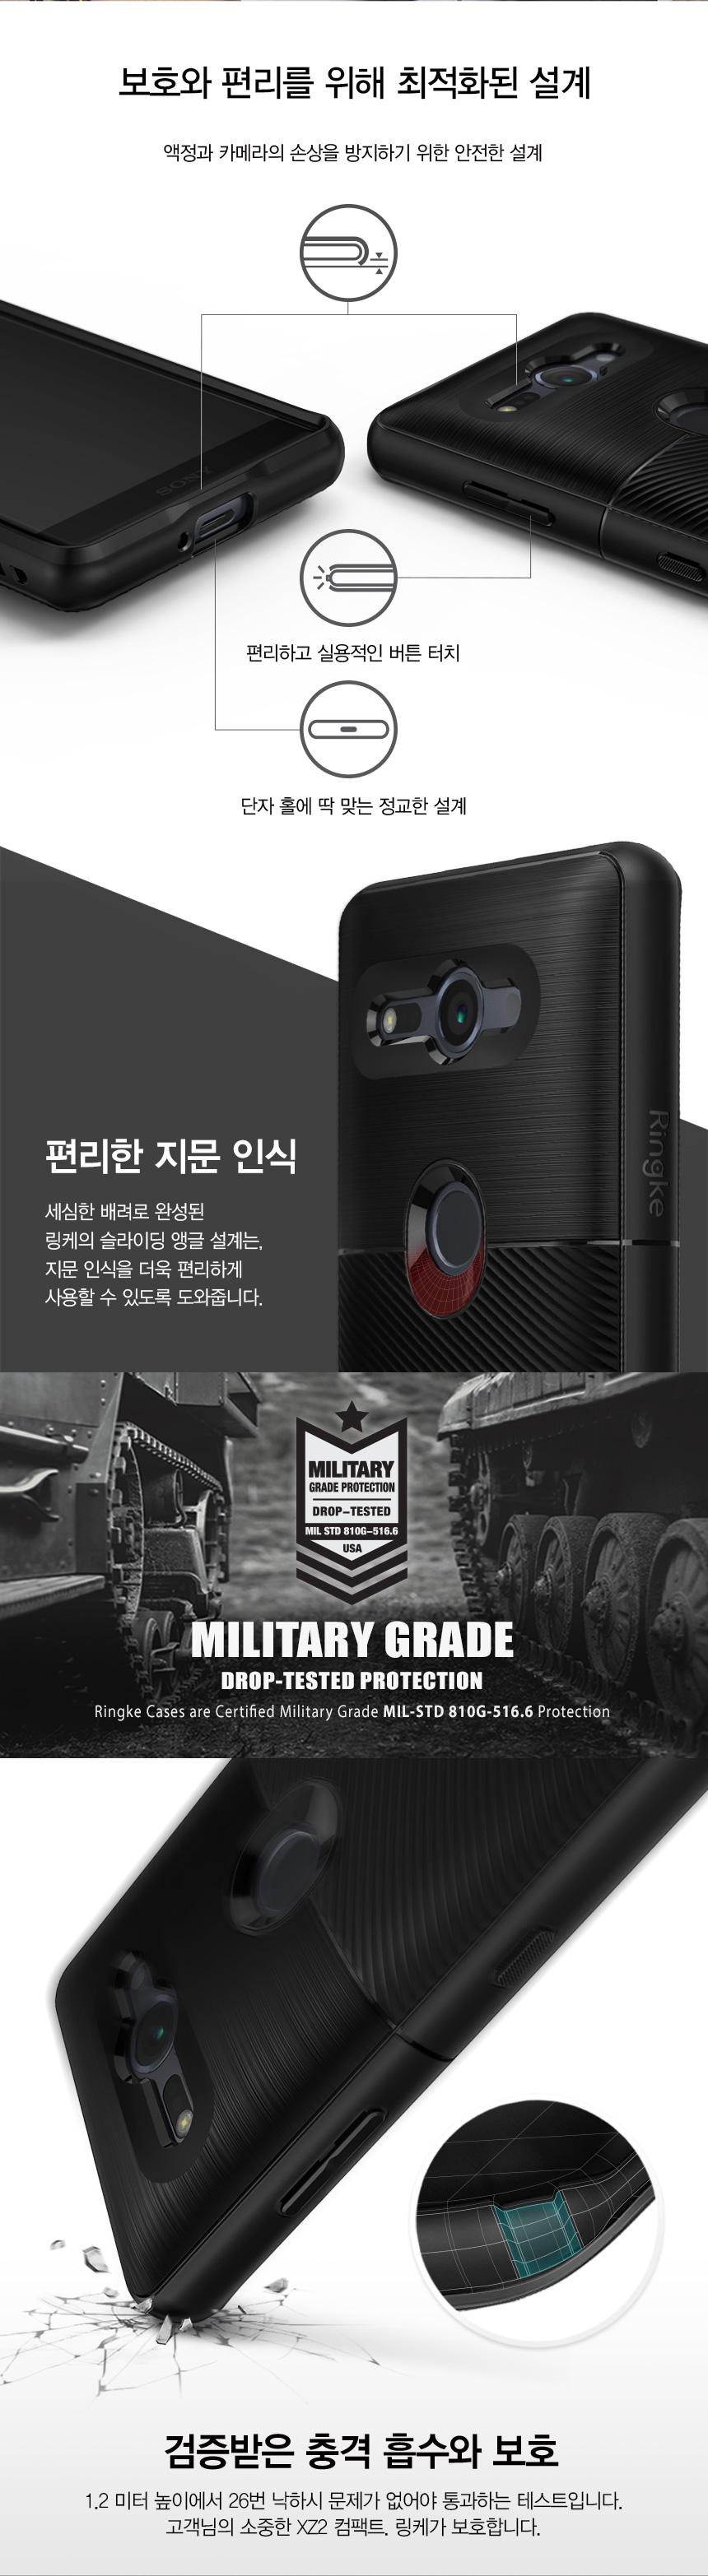 링케 소니 엑스페리아 XZ2 컴팩트 케이스 링케오닉스 - 리어스, 14,800원, 케이스, 기타 스마트폰